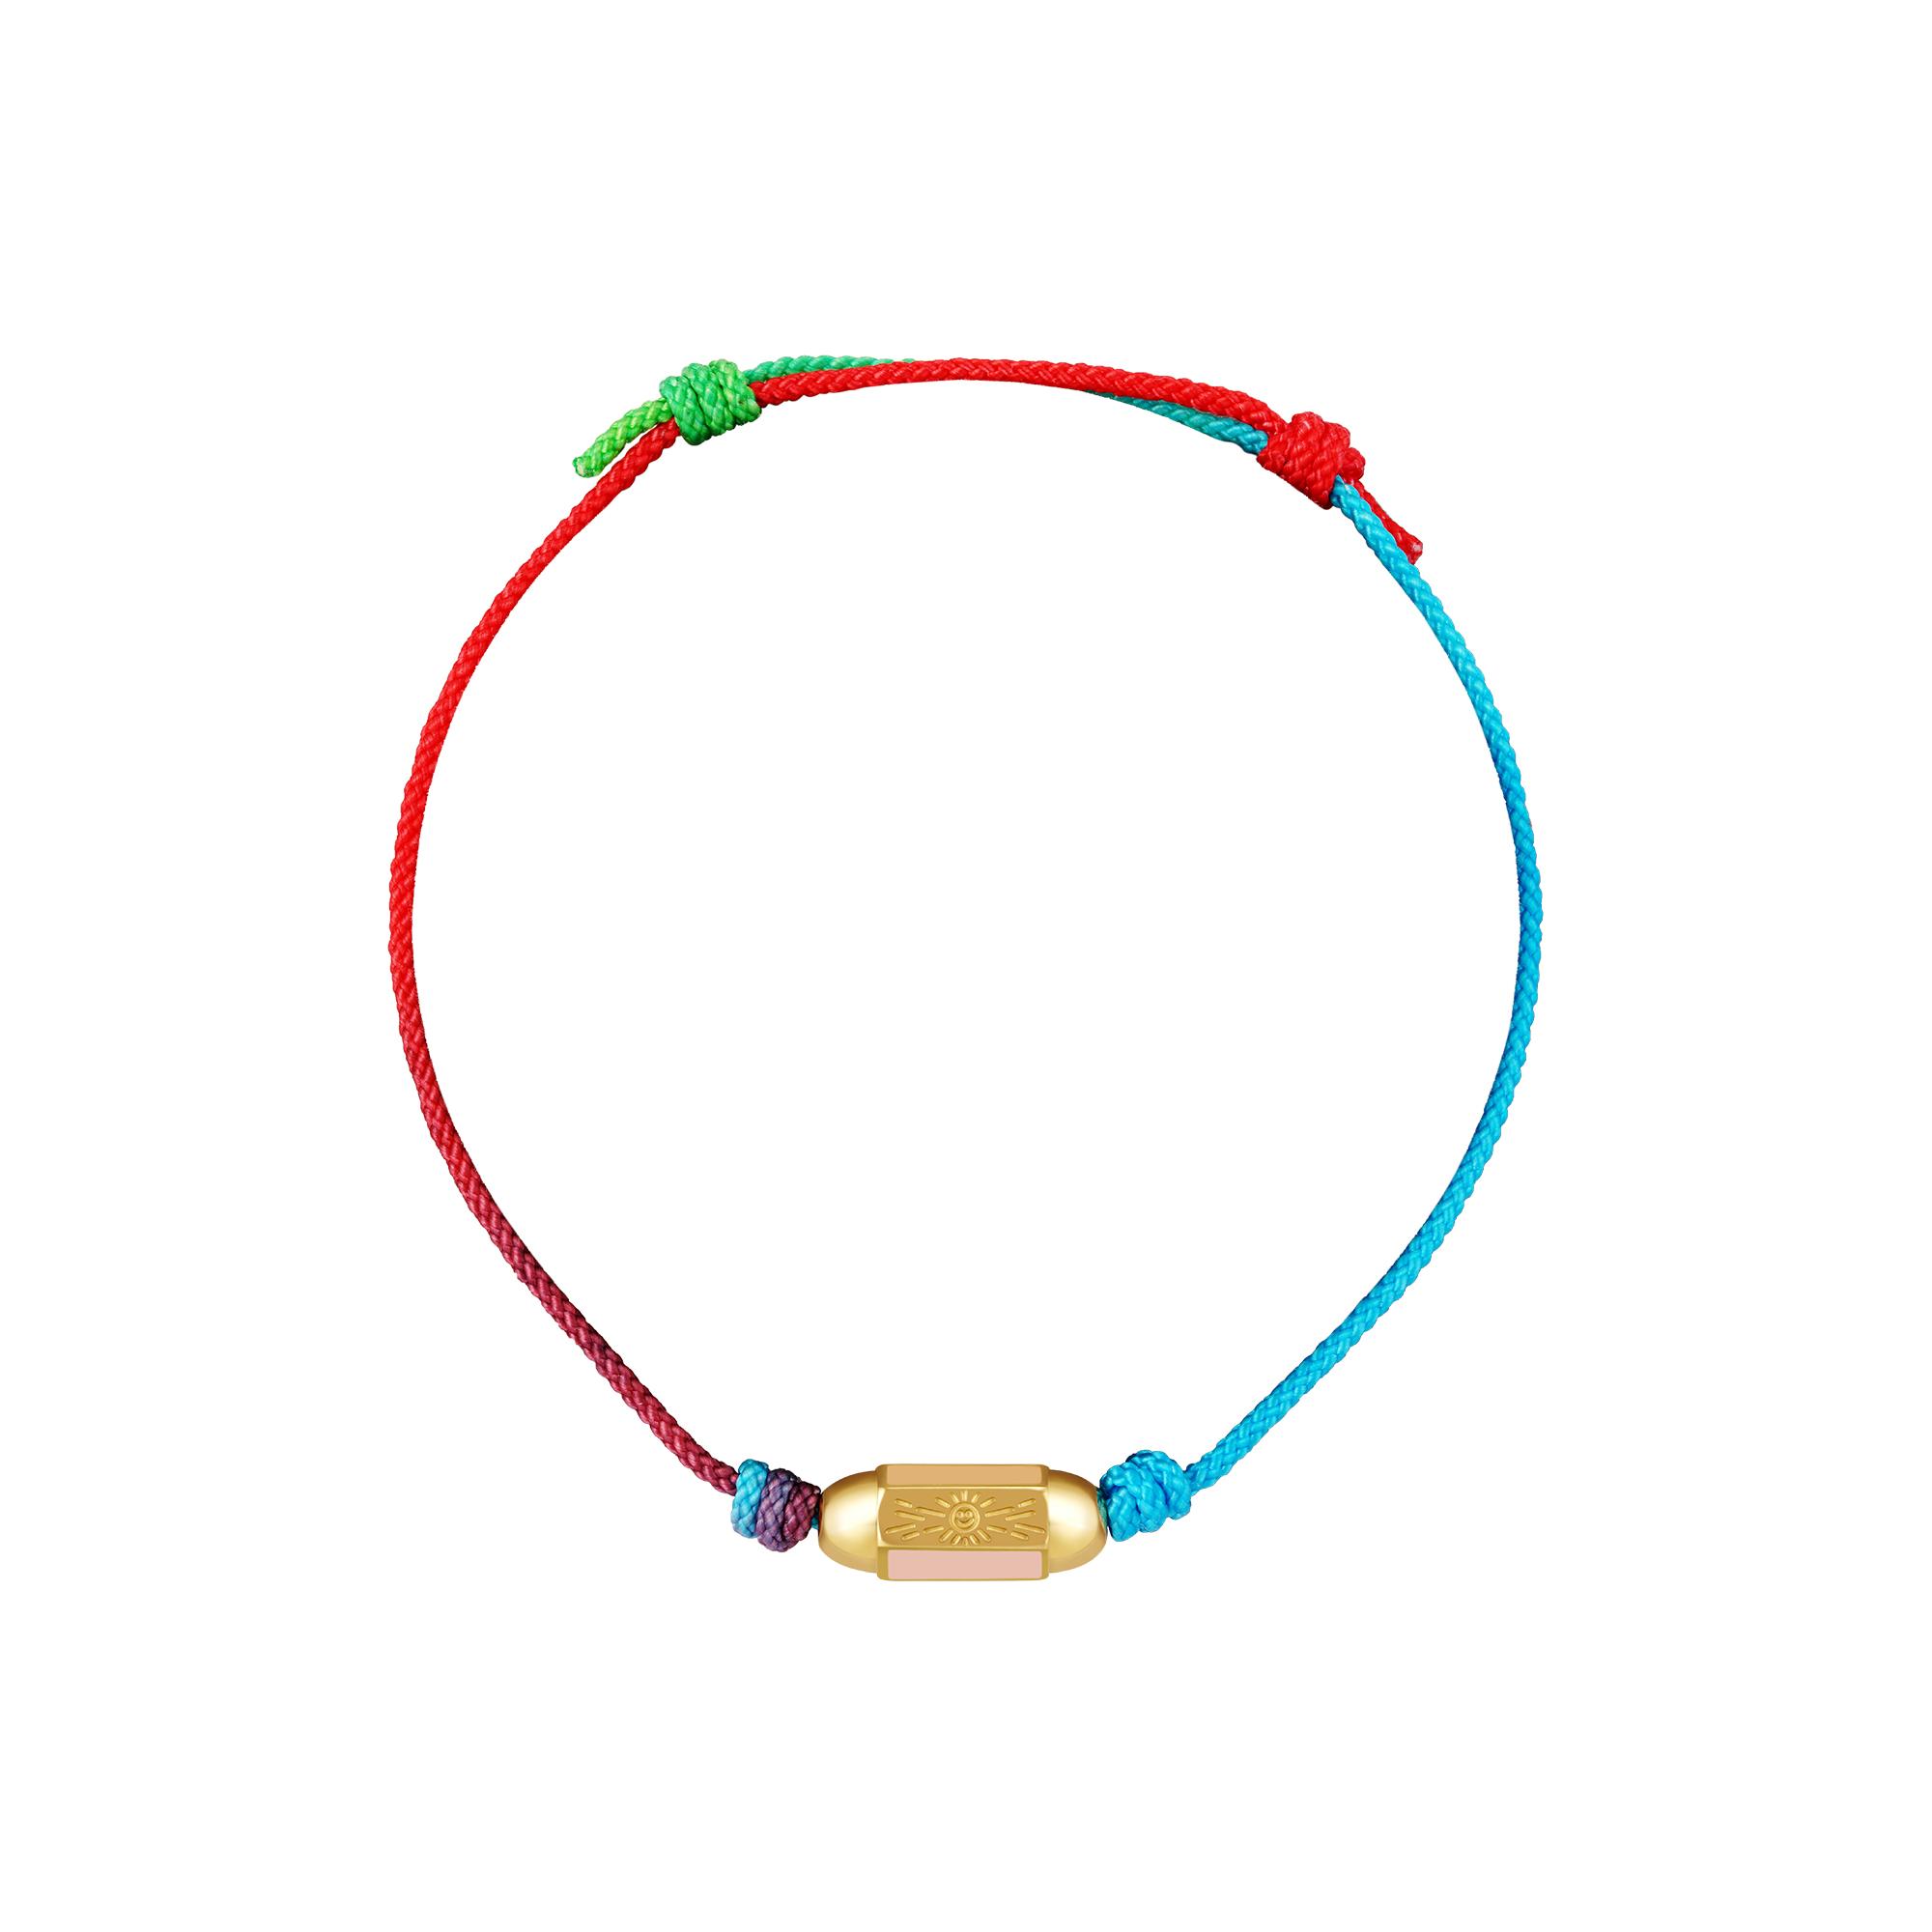 Bracelet La Vie Amour Multicolor